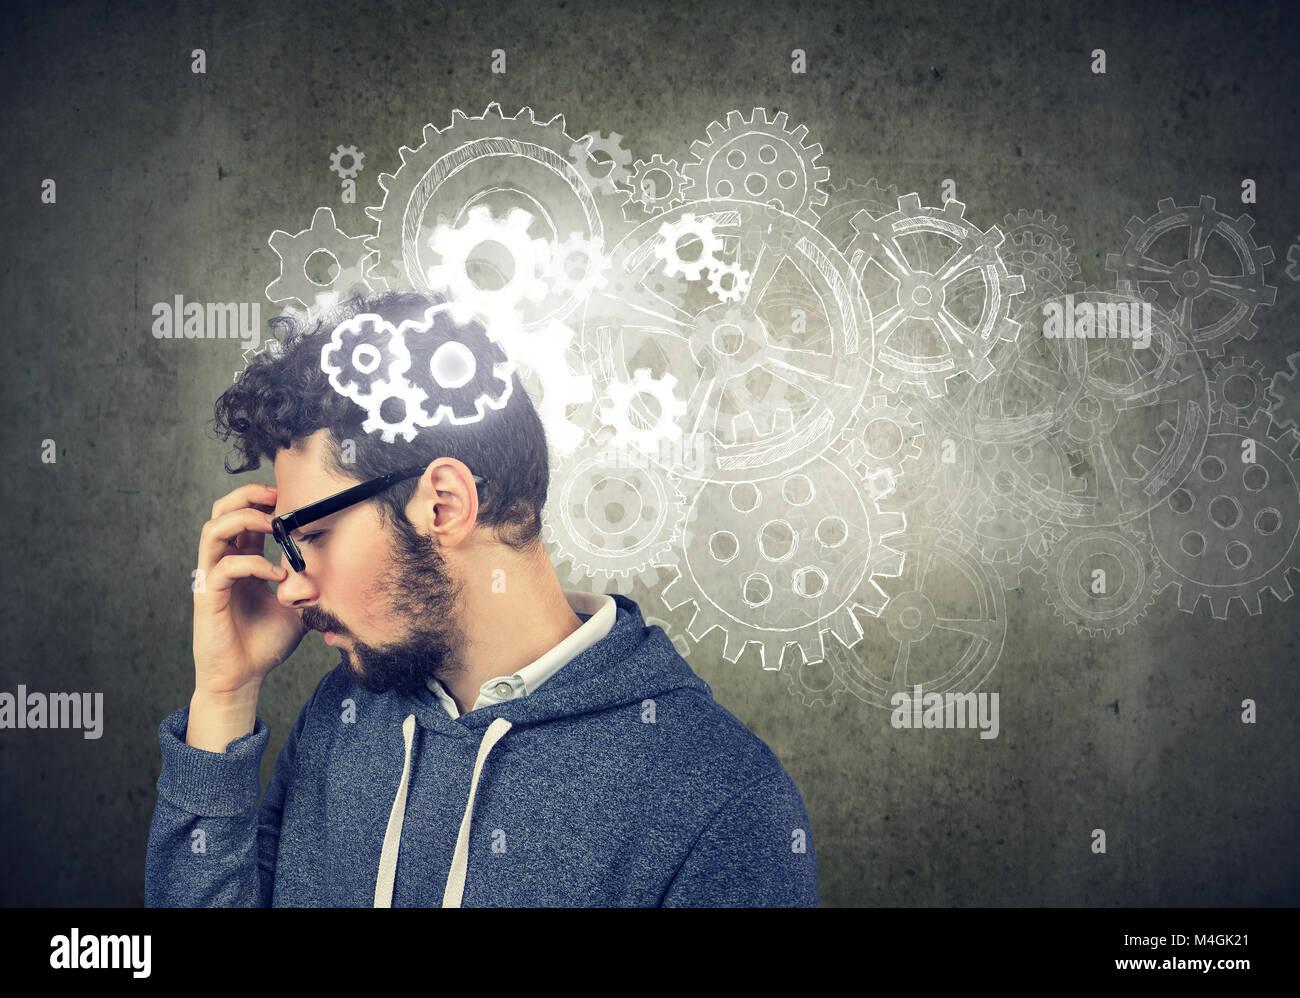 Considerato giovane uomo alla ricerca di una soluzione con meccanismi a ingranaggi sopra la sua testa Immagini Stock